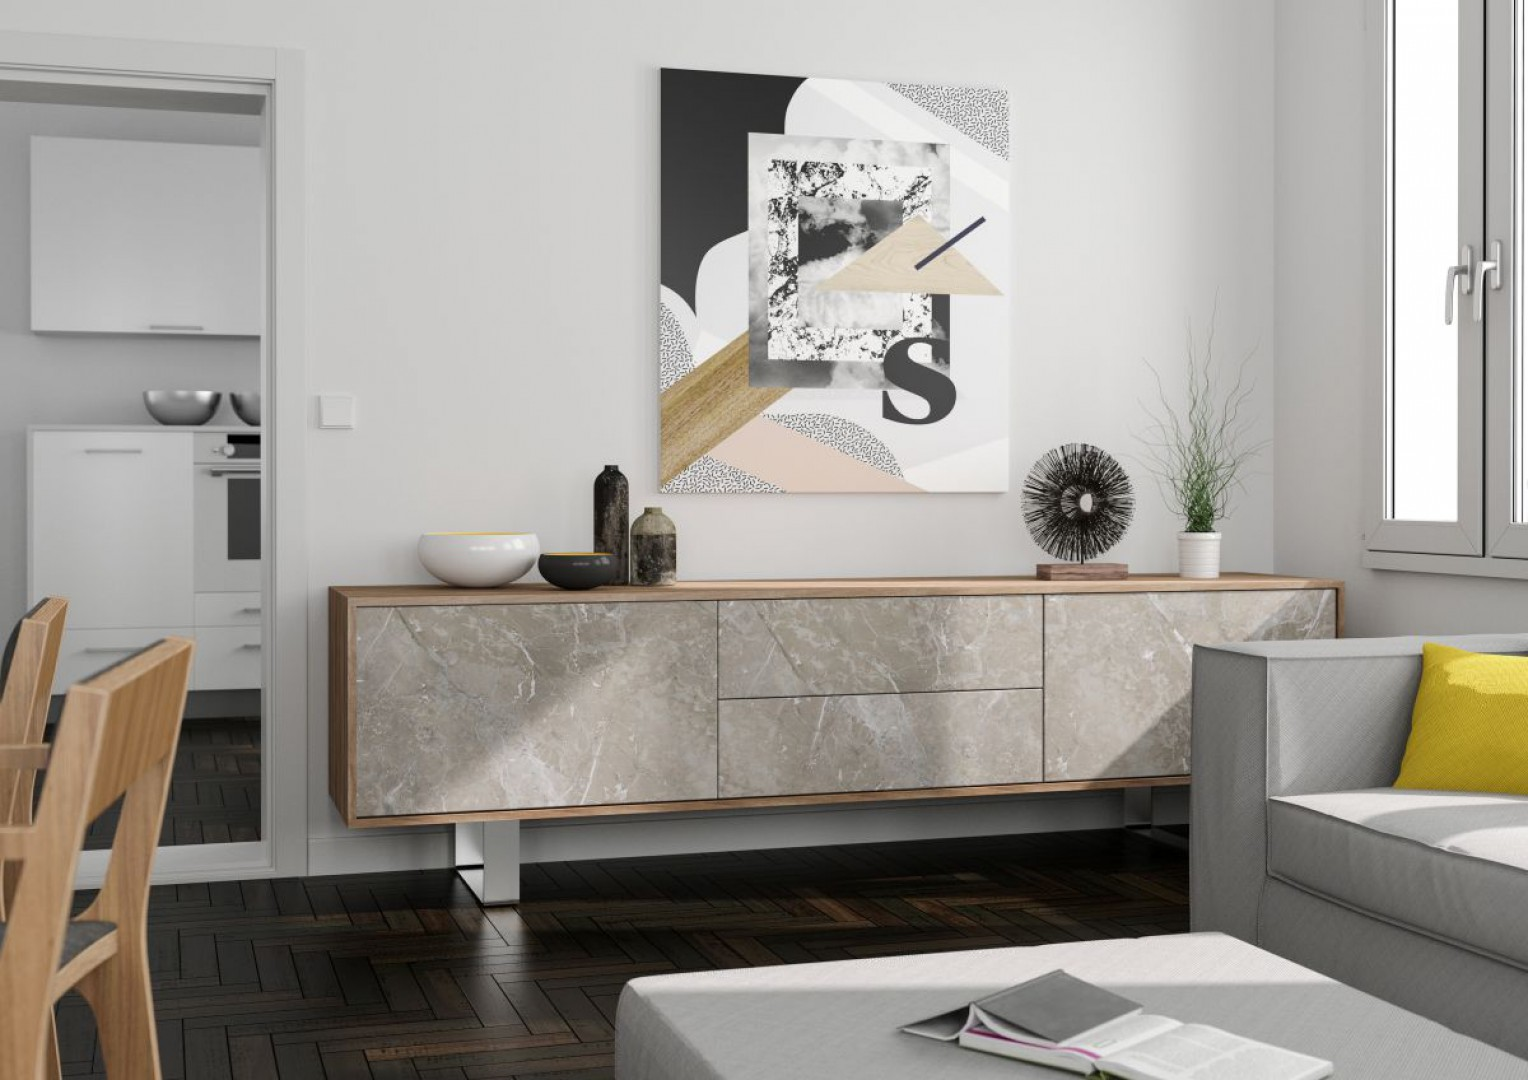 Mebel, w którym wykorzystano dekor Veneto z oferty firmy Interprint. Fot. Interprint